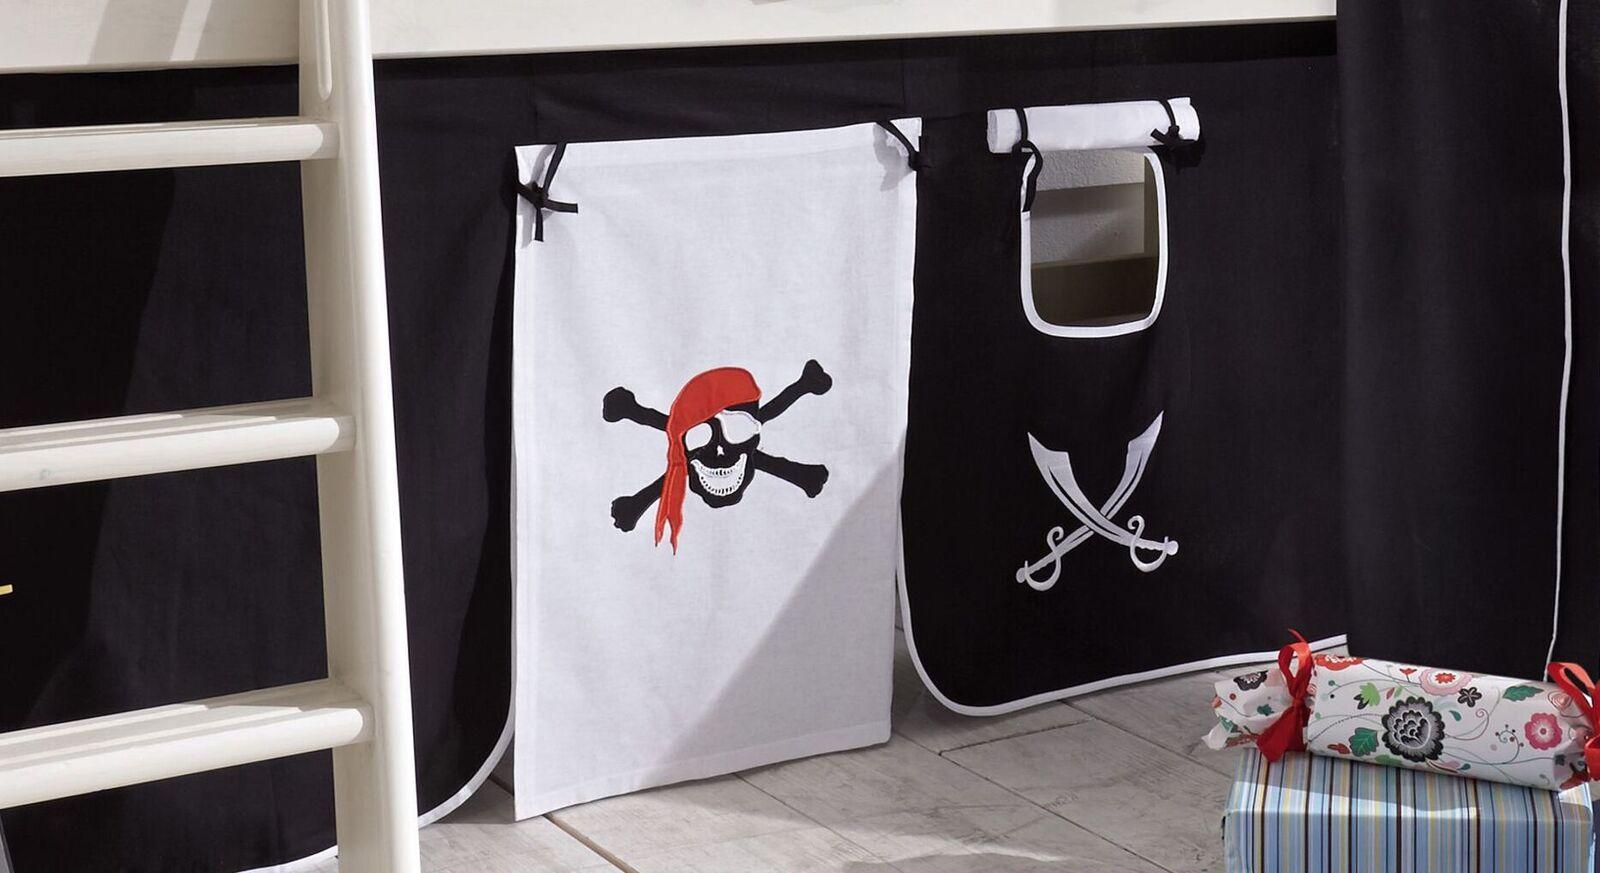 Mini-Hochbett Seeräuber mit Piratenmotiven auf dem Vorhang